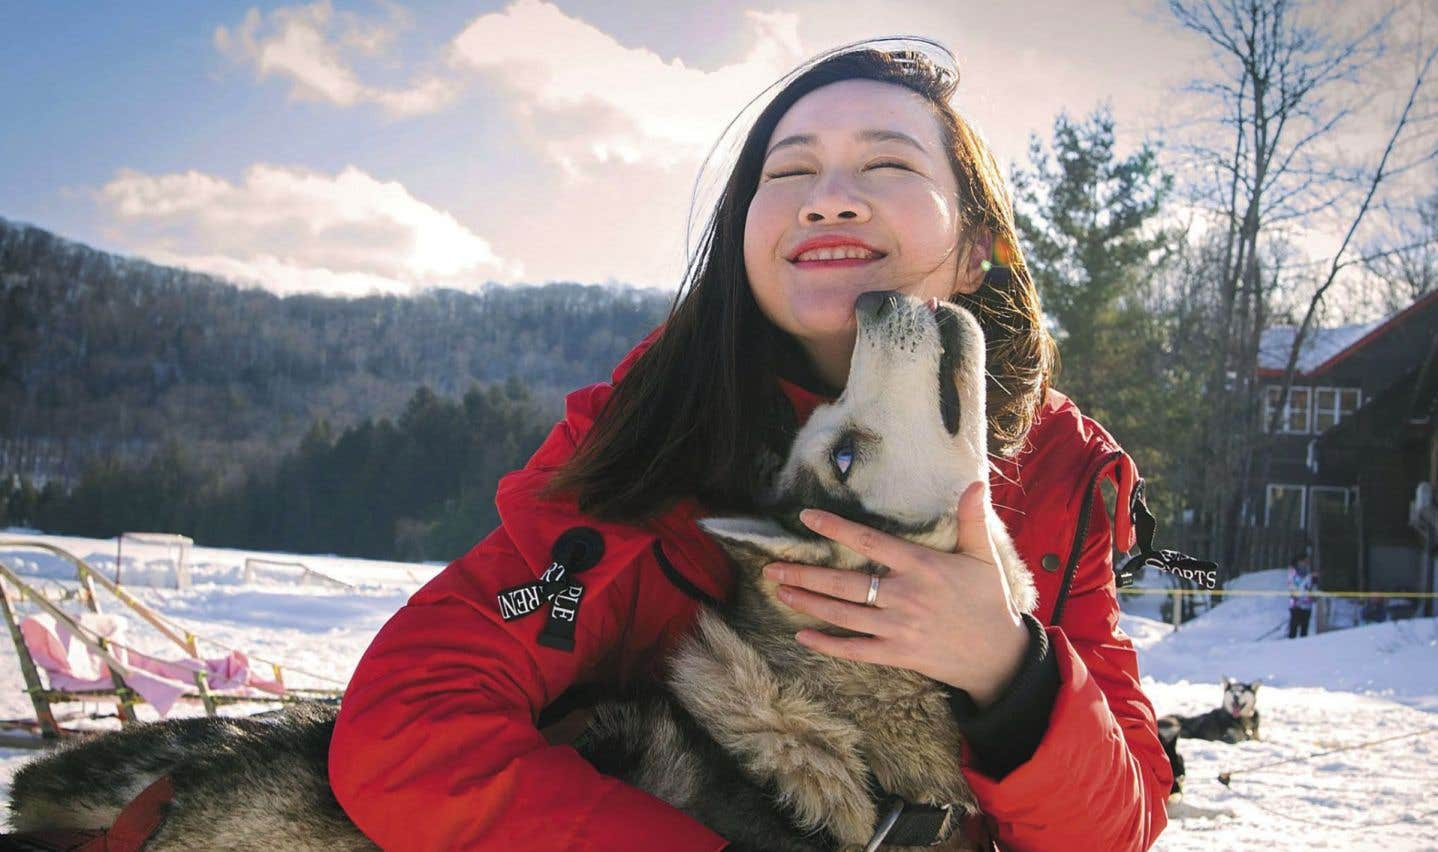 Plus de 170 000 Chinois ont visité le Québec l'an dernier, soit 50% de plus qu'en 2016. L'industrie veut profiter de cet engouement pour promouvoir auprès de cette clientèle les charmes hivernaux du Québec.